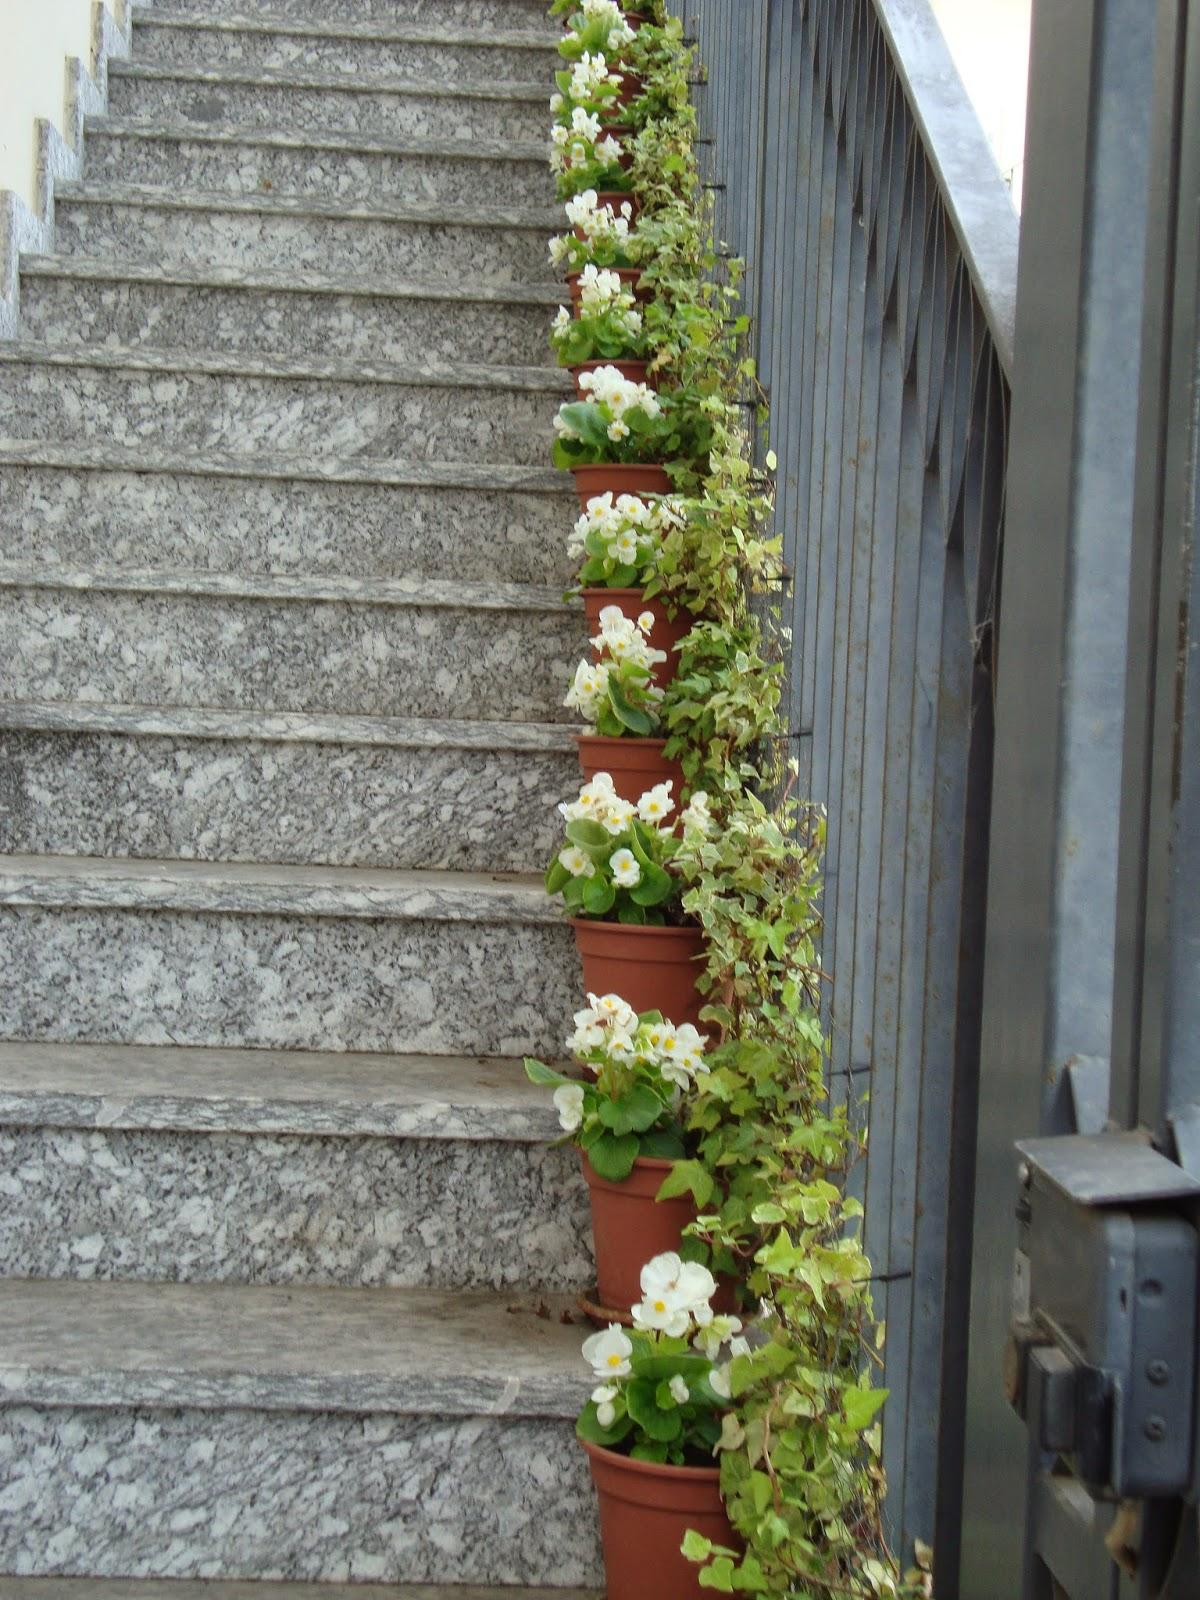 Un piccolo giardino in citt una lunga scala di fiori - Scale da giardino ...